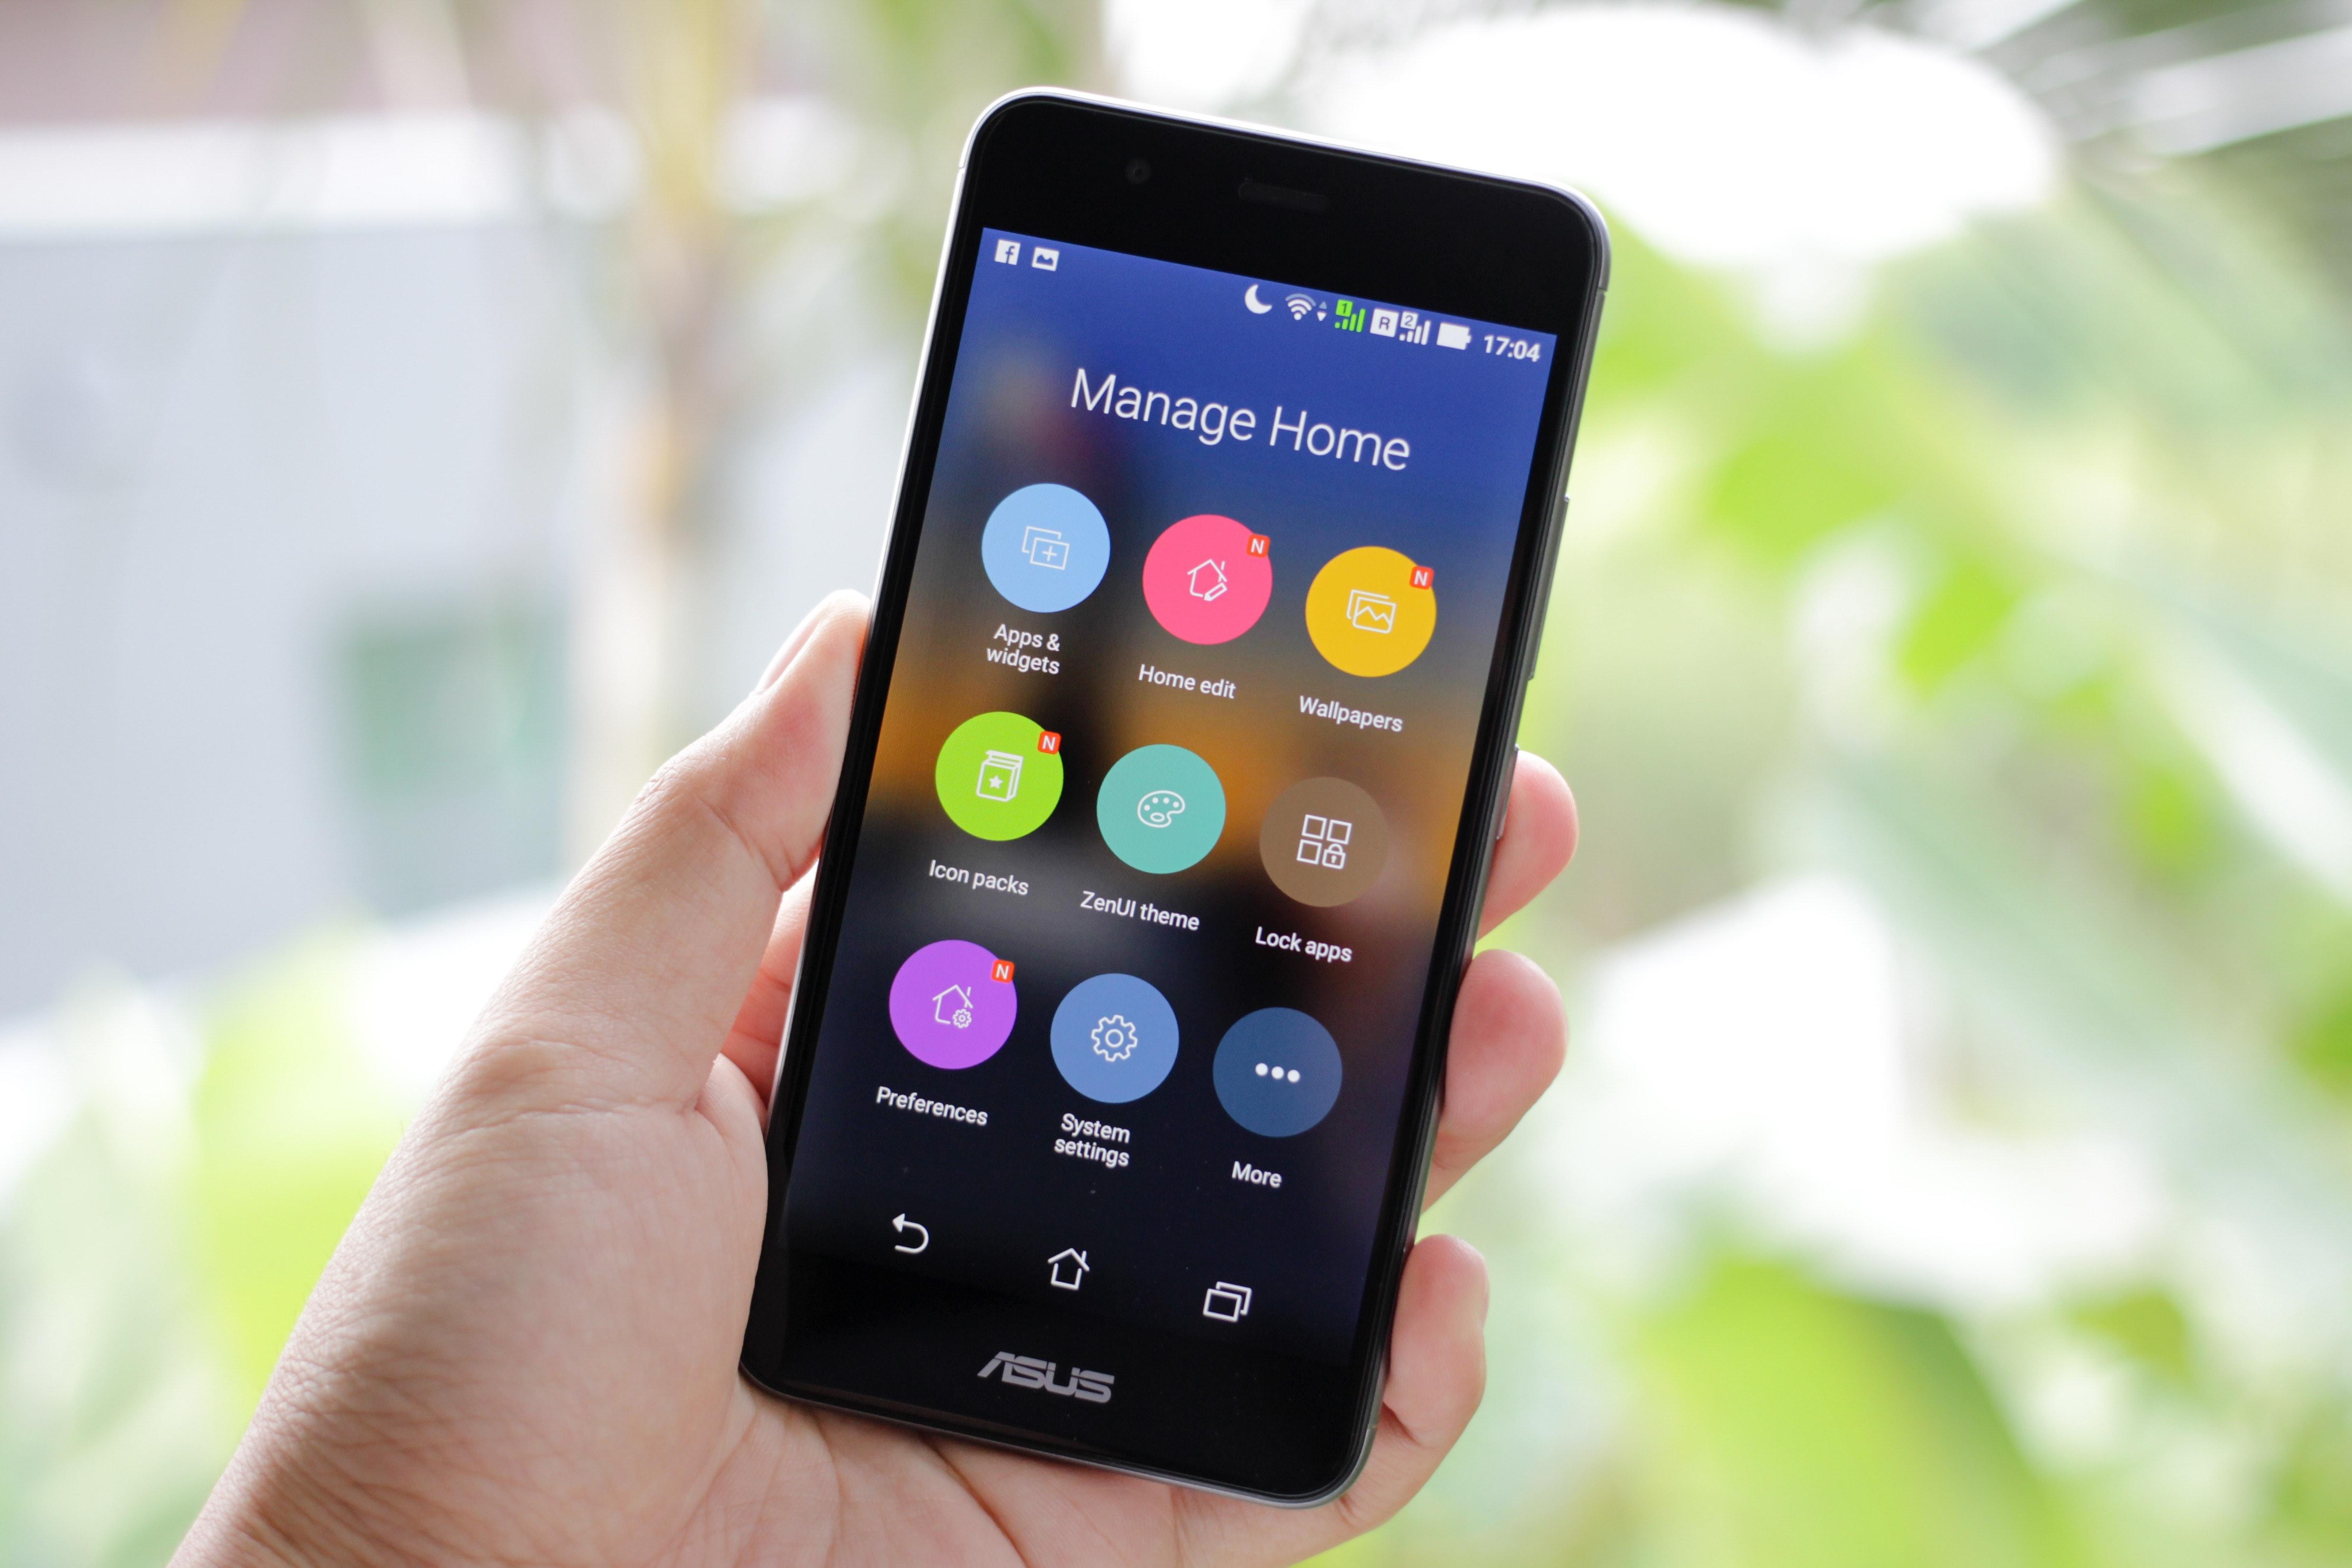 Caso tenha comprado um celular no Paraguai, confira se ele vai cair no bloqueio da Anatel